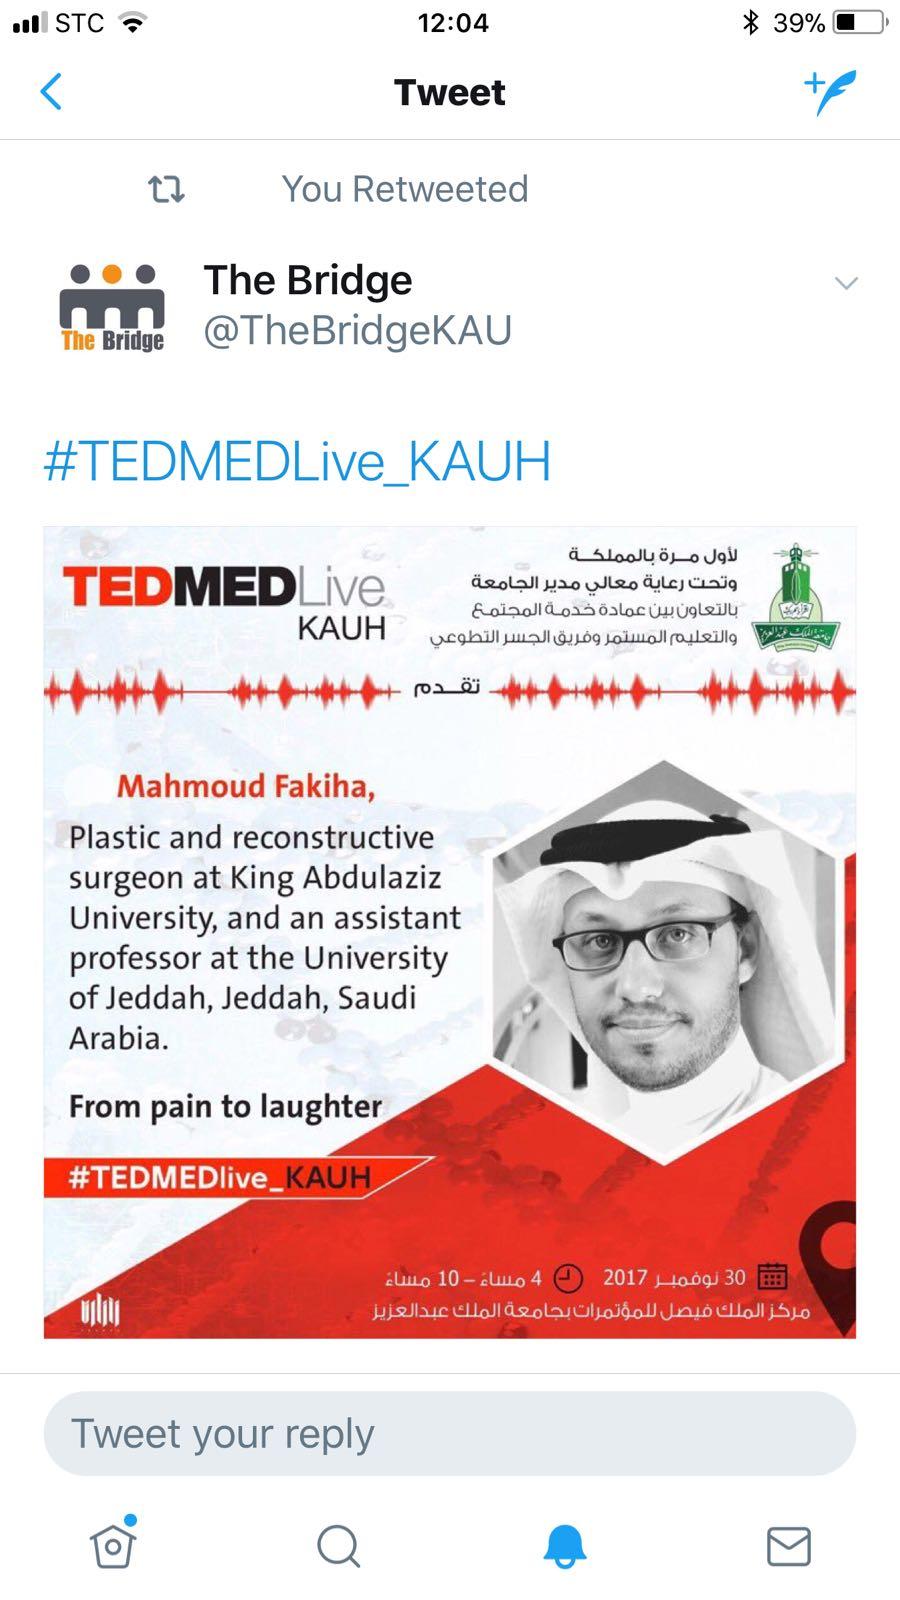 فعاليات المؤتمر الطبى TEDMED - دكتور محمود فقيها